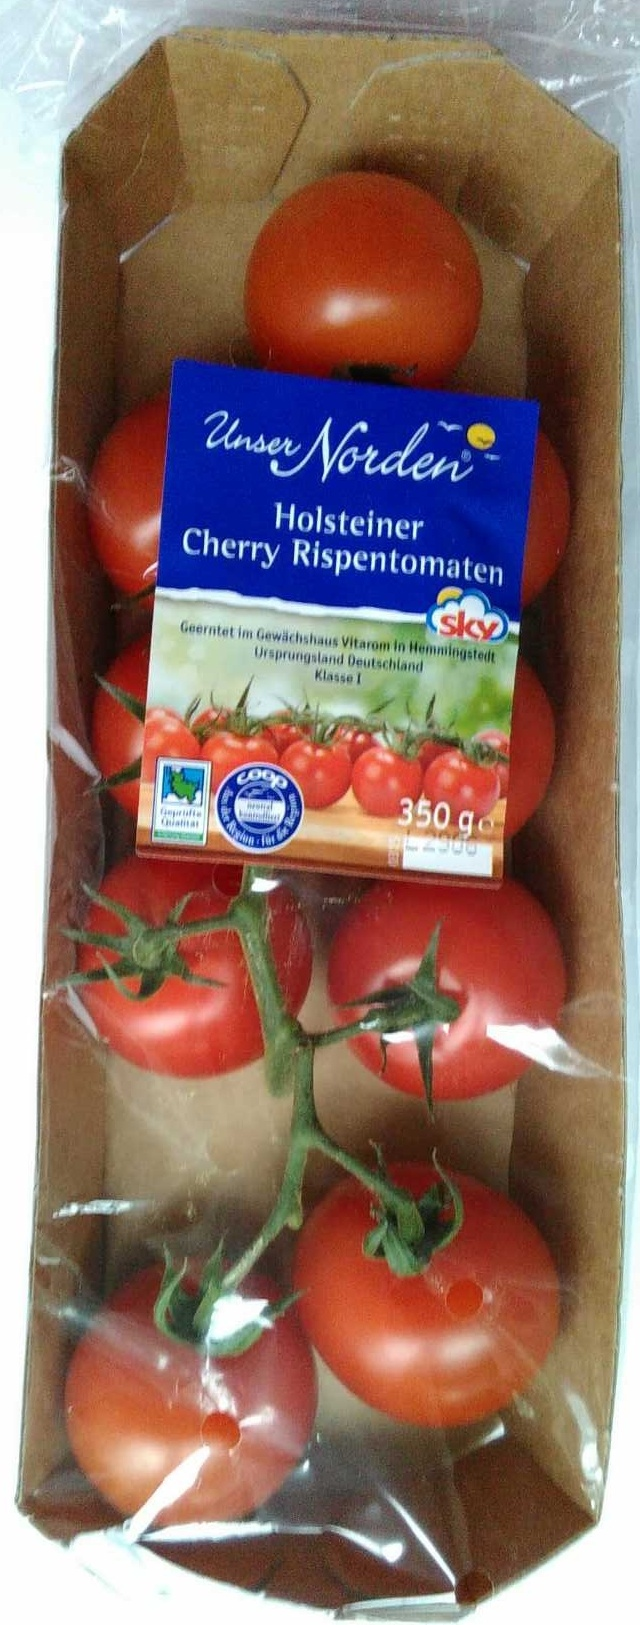 Holsteiner Cherry Rispentomaten - Product - de